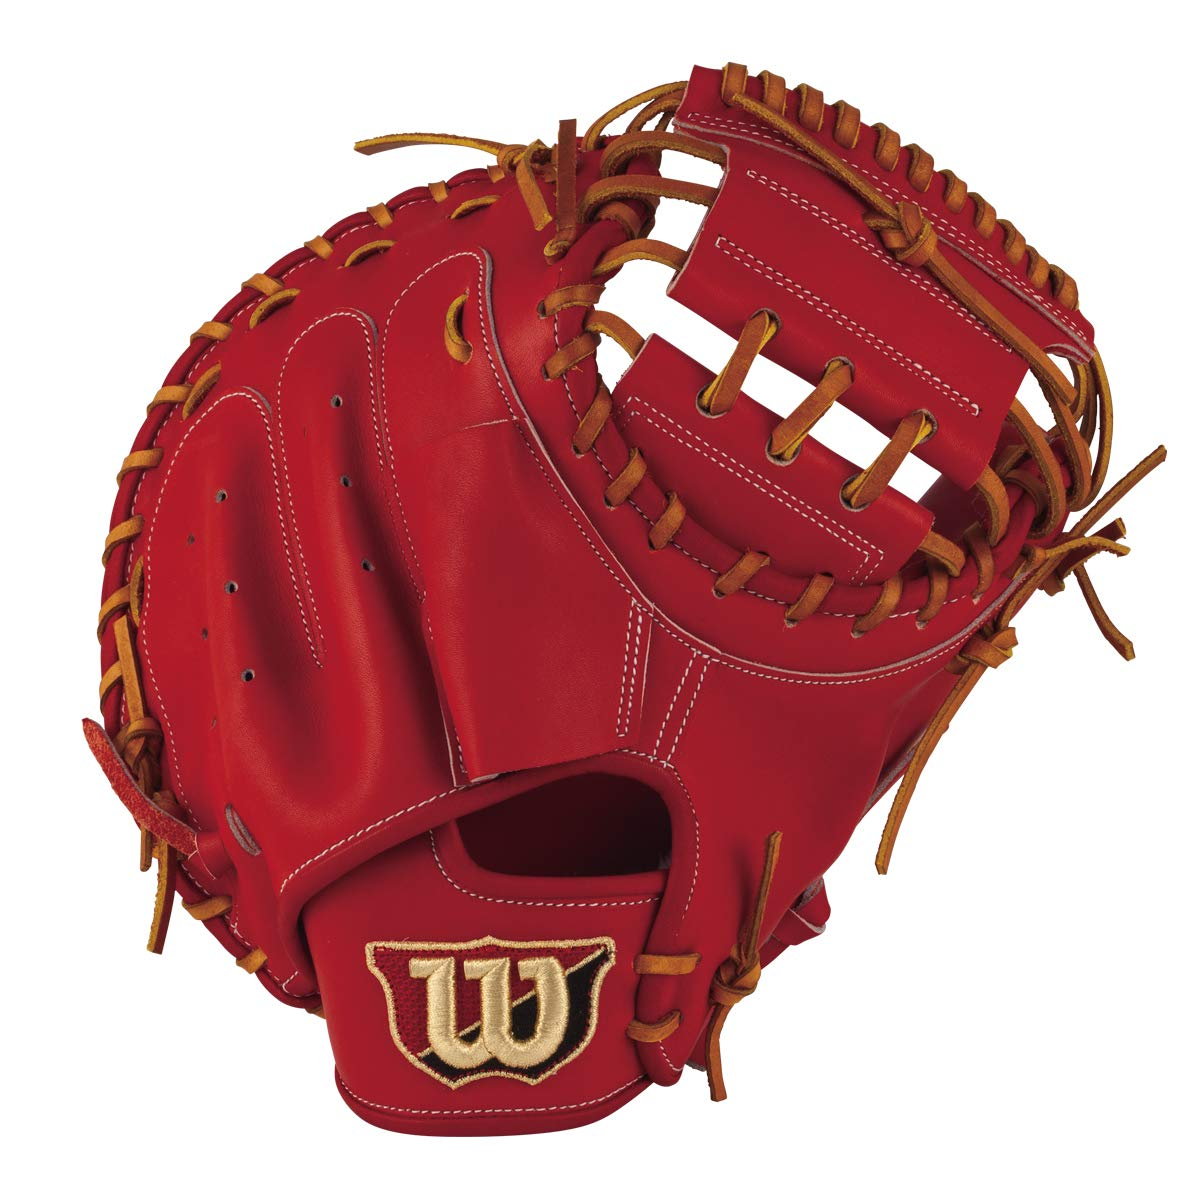 魅力の Wilson(ウイルソン) 硬式野球用 グローブ Wilson グローブ B07L6G7984 Staff 捕手用 2B WTAHWS2BZ B07L6G7984 Wilson Eオレンジ, ニワグン:b858756f --- a0267596.xsph.ru